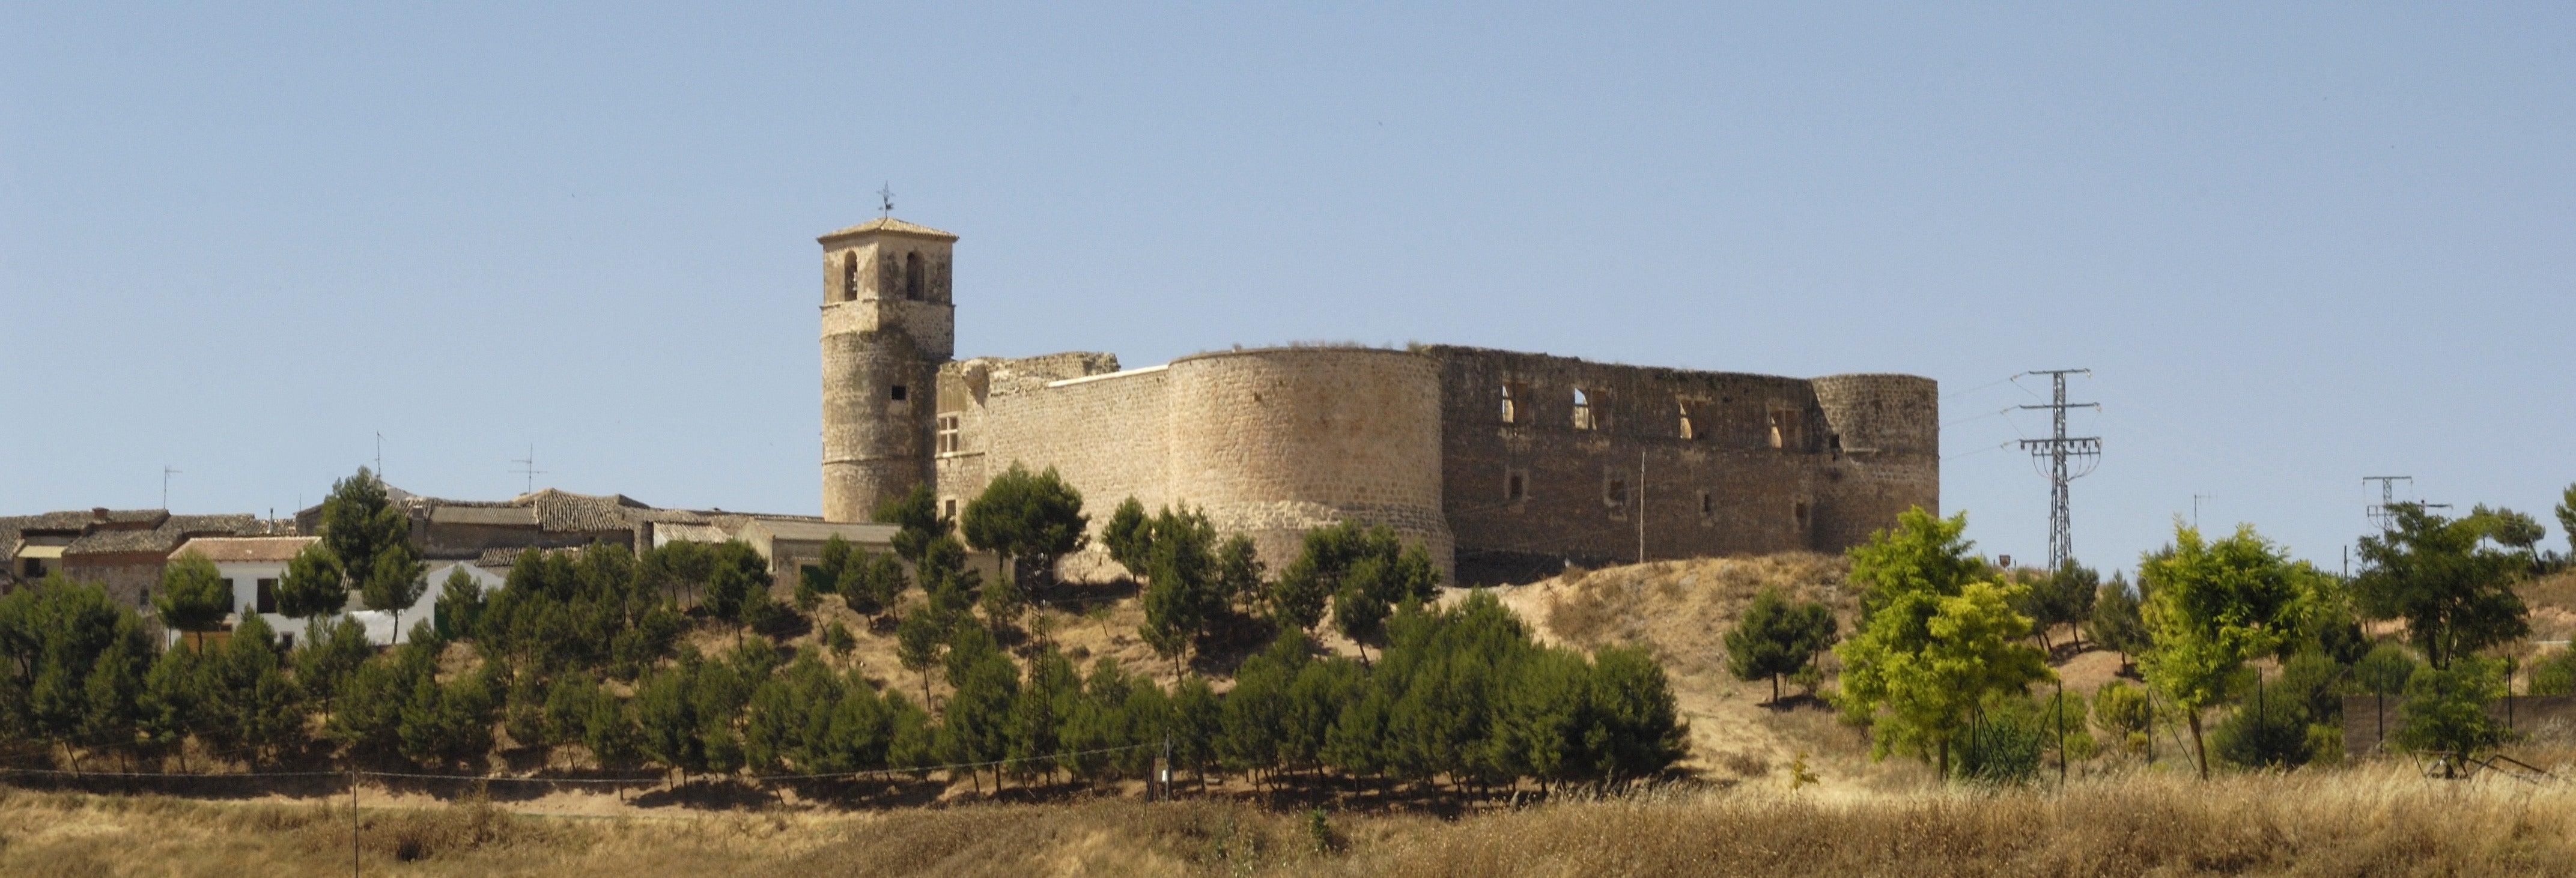 Castillo de Garcimuñoz Castle Ticket